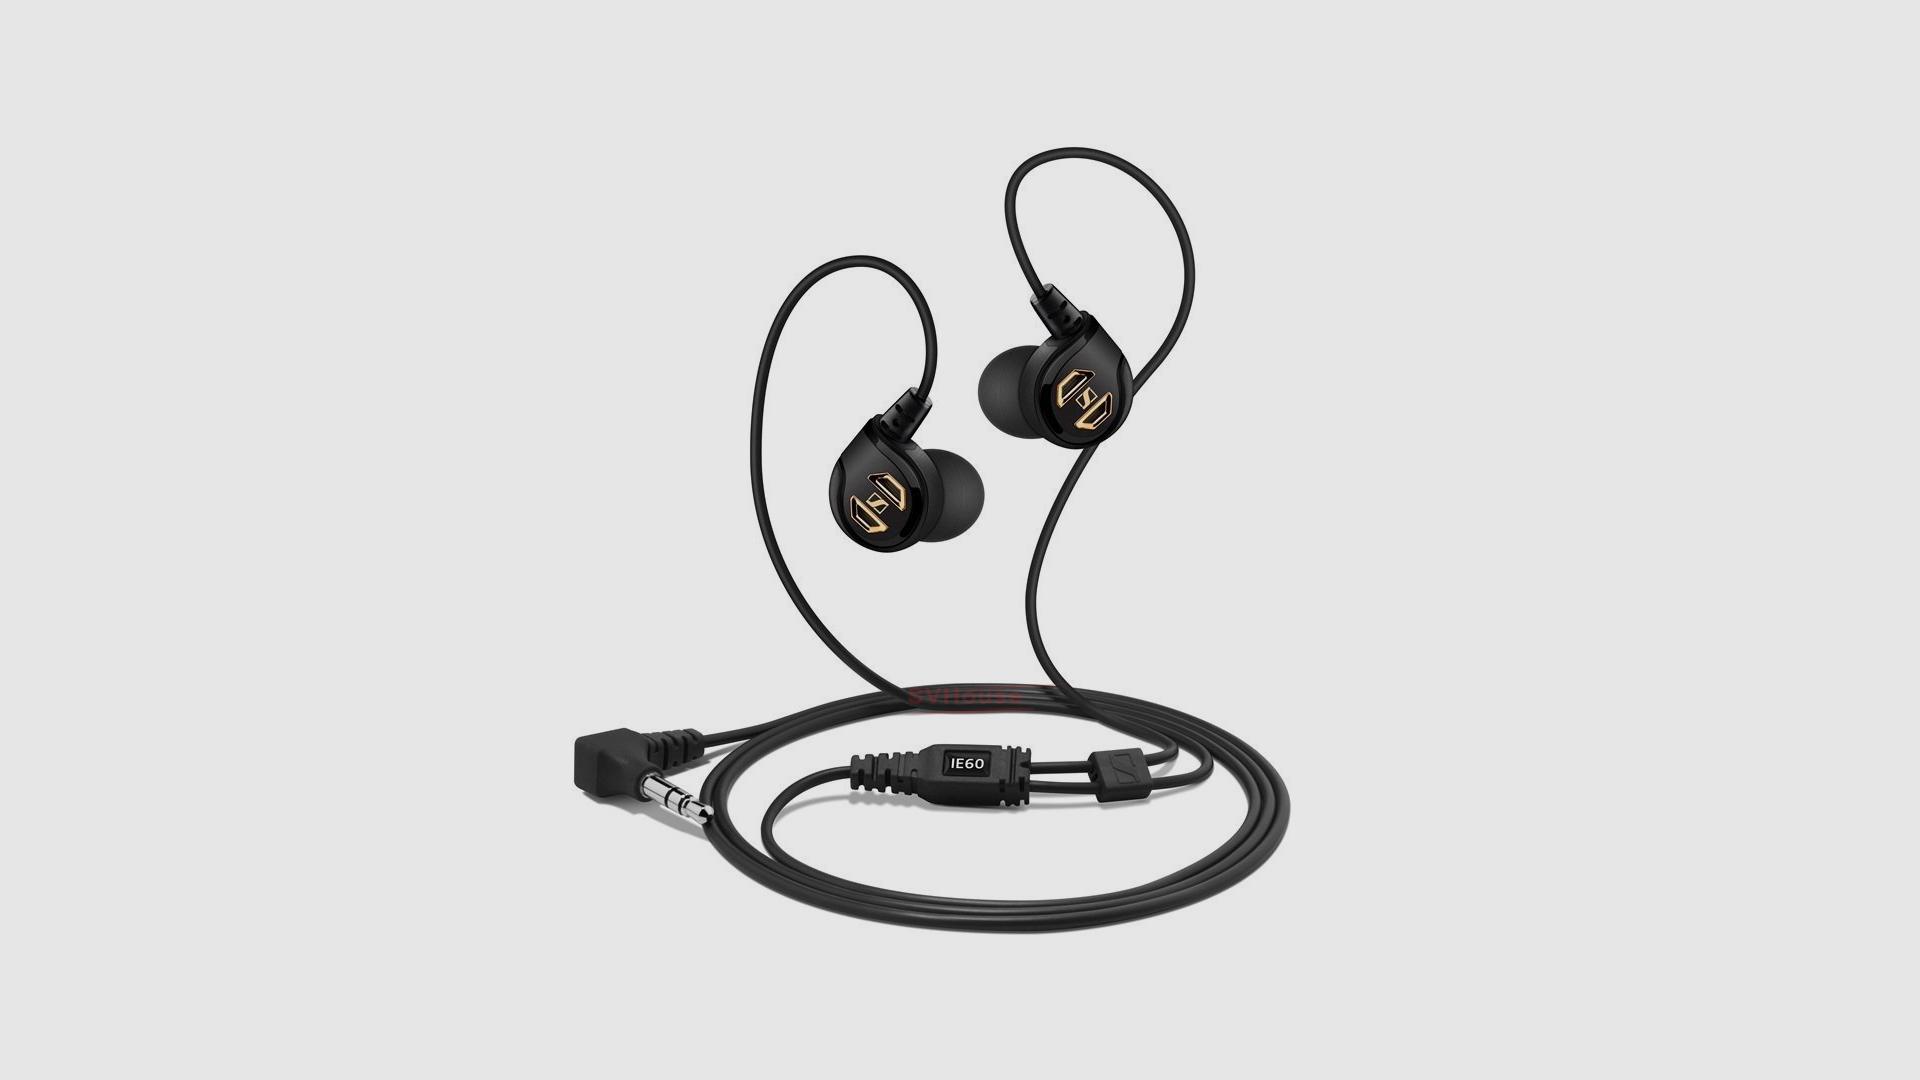 Chân dung tai nghe Sennheiser IE60